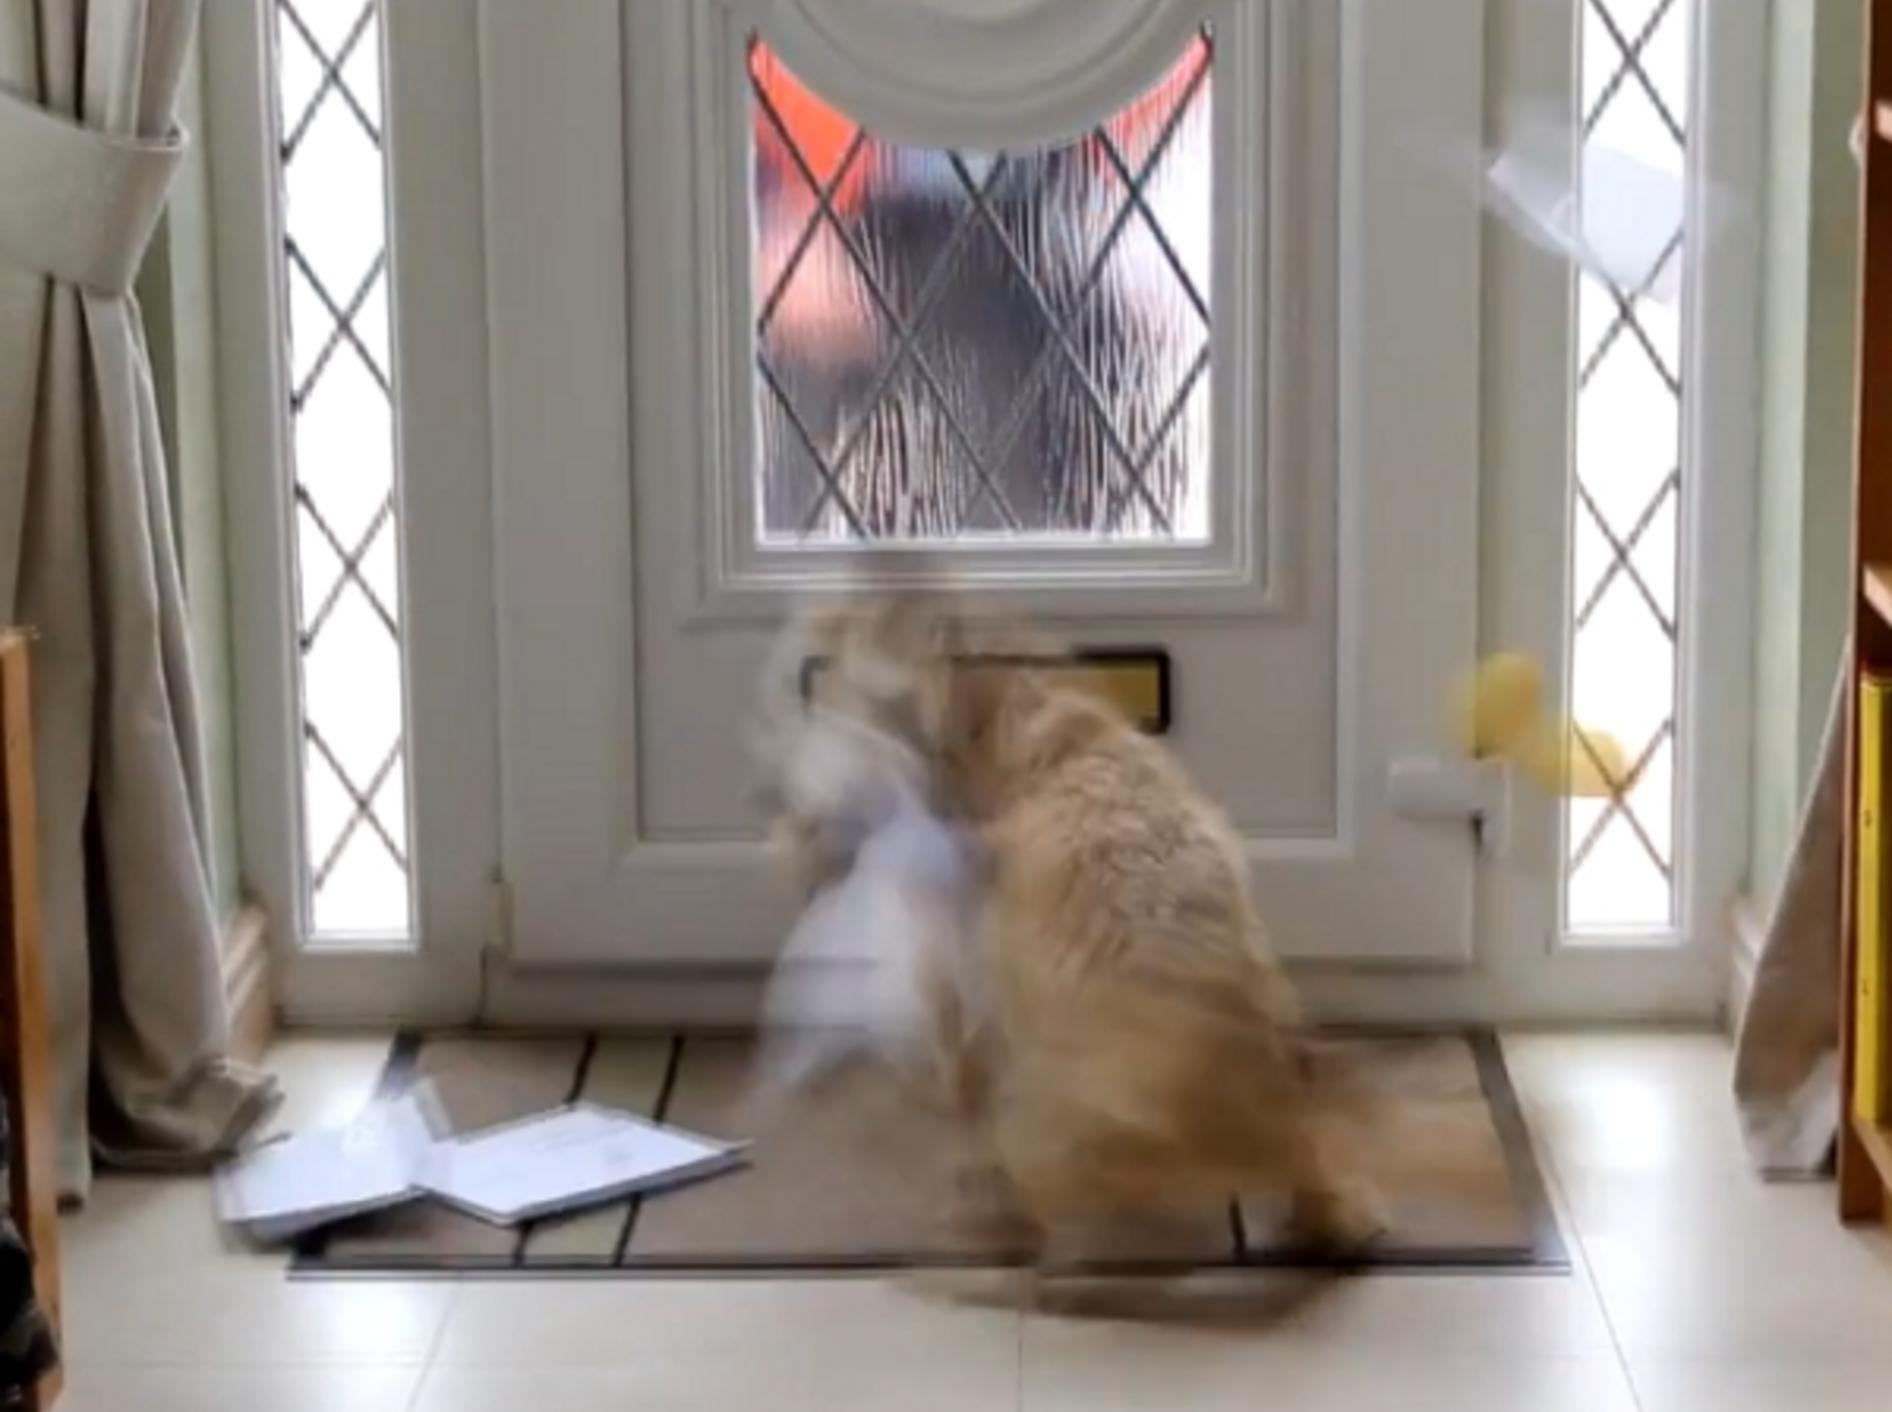 Hund und Briefträger werden keine Freunde: Shih Tzu zerreist die Post